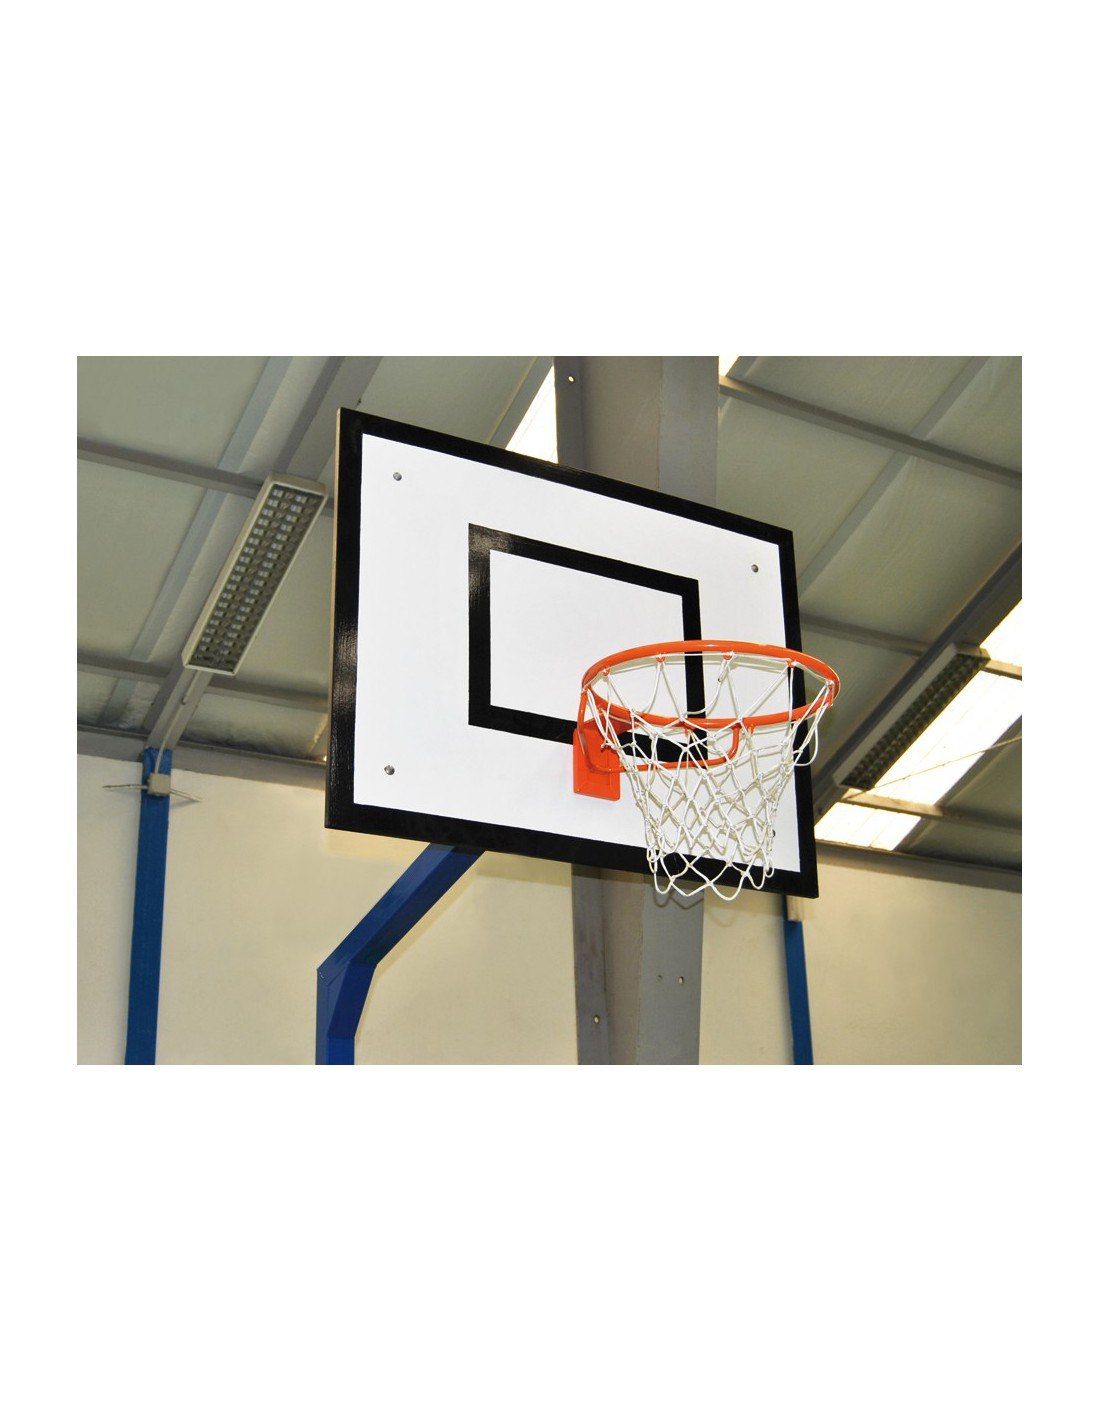 Panneau de basket for Panneau de basket exterieur